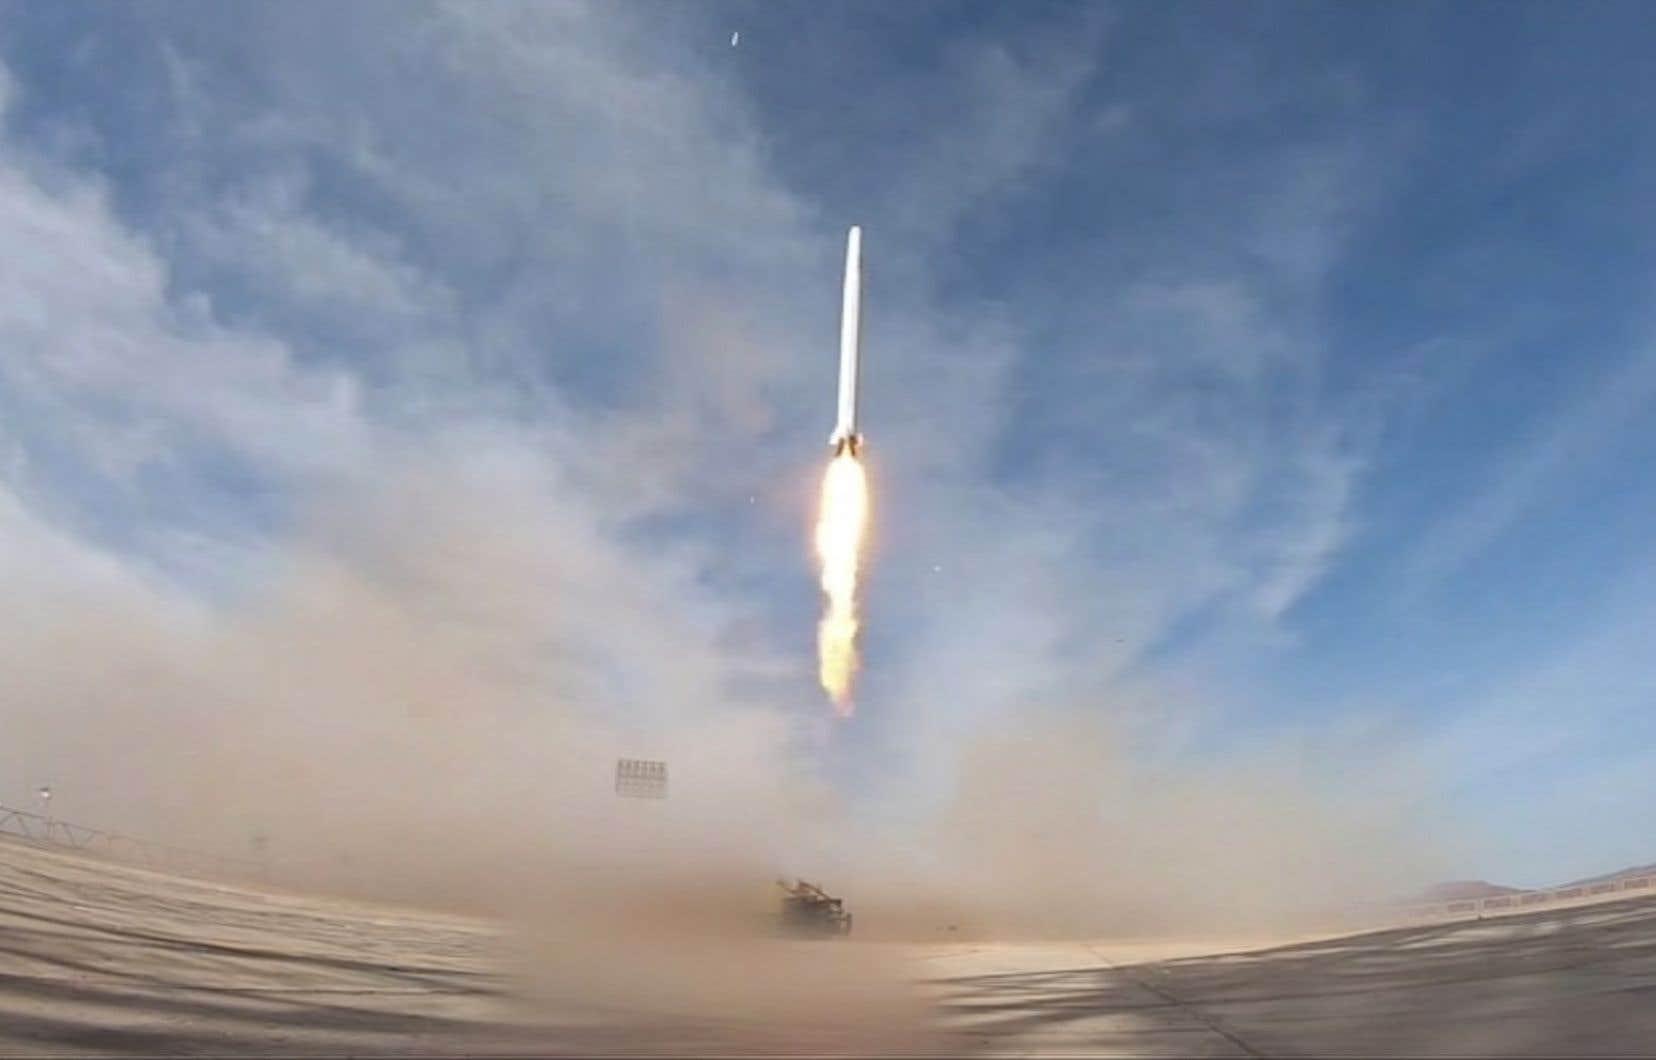 Les Gardiens de la Révolution, l'armée idéologique de la République islamique iranienne, se sont targués du lancement réussi du satellite «Nour».